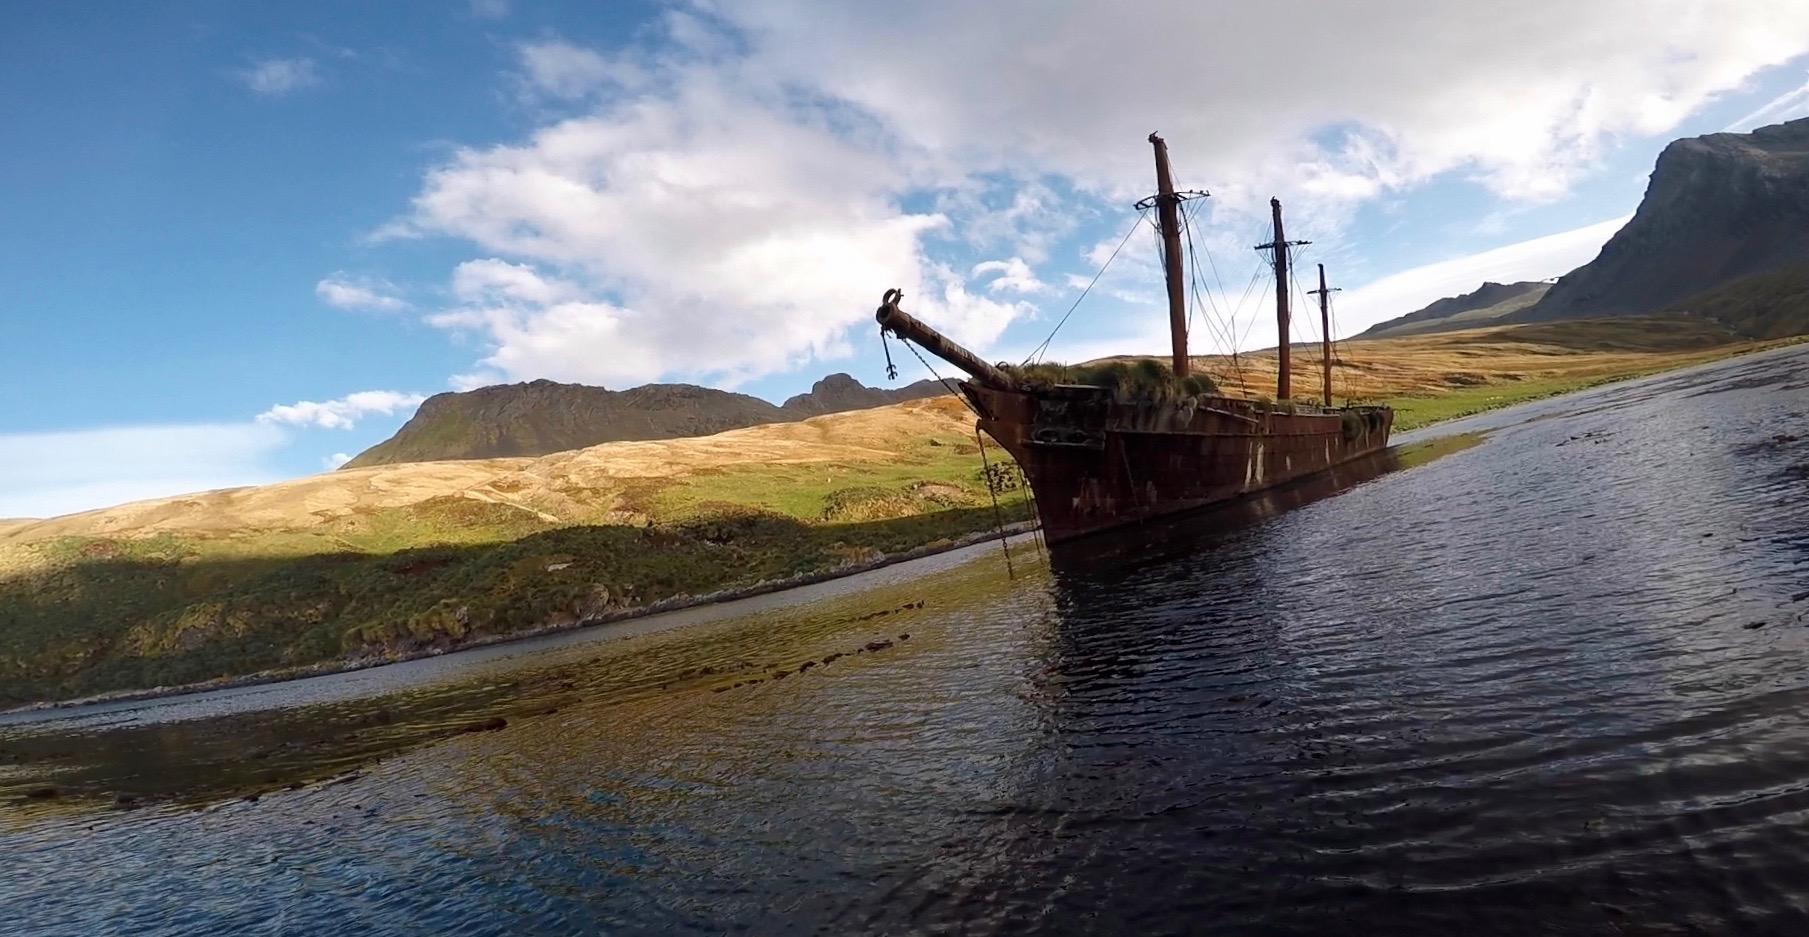 Bayard at Ocean Harbour